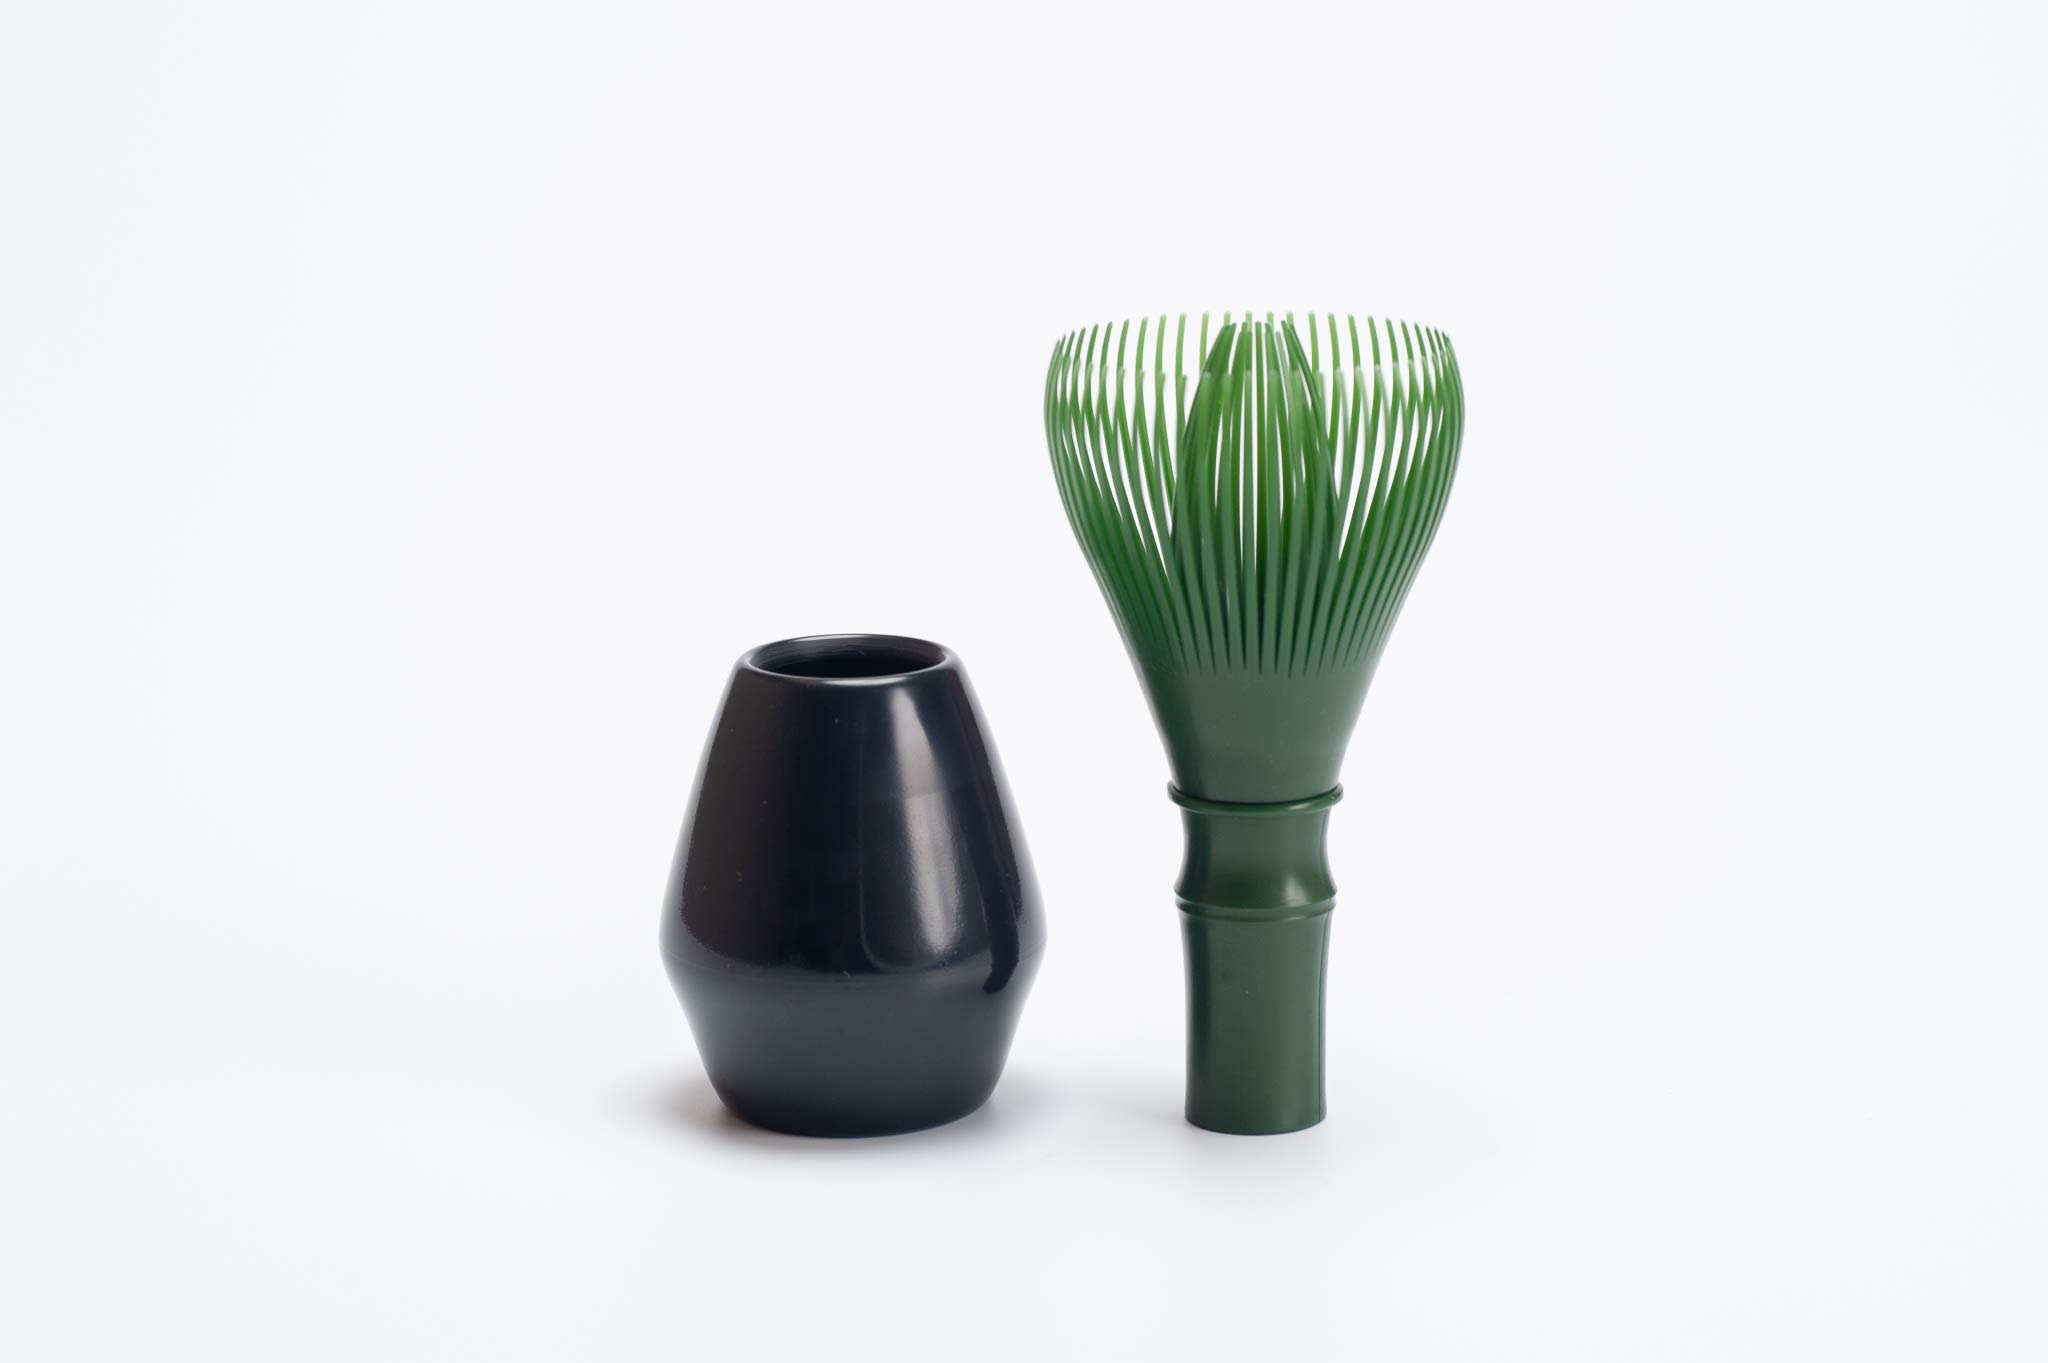 Matcha Tea Whisk Made of Dishwasher Safe Polypropylene Plastic''Fugetsu Chasen'' Made in Japan [Forest Green] by Fugetsu